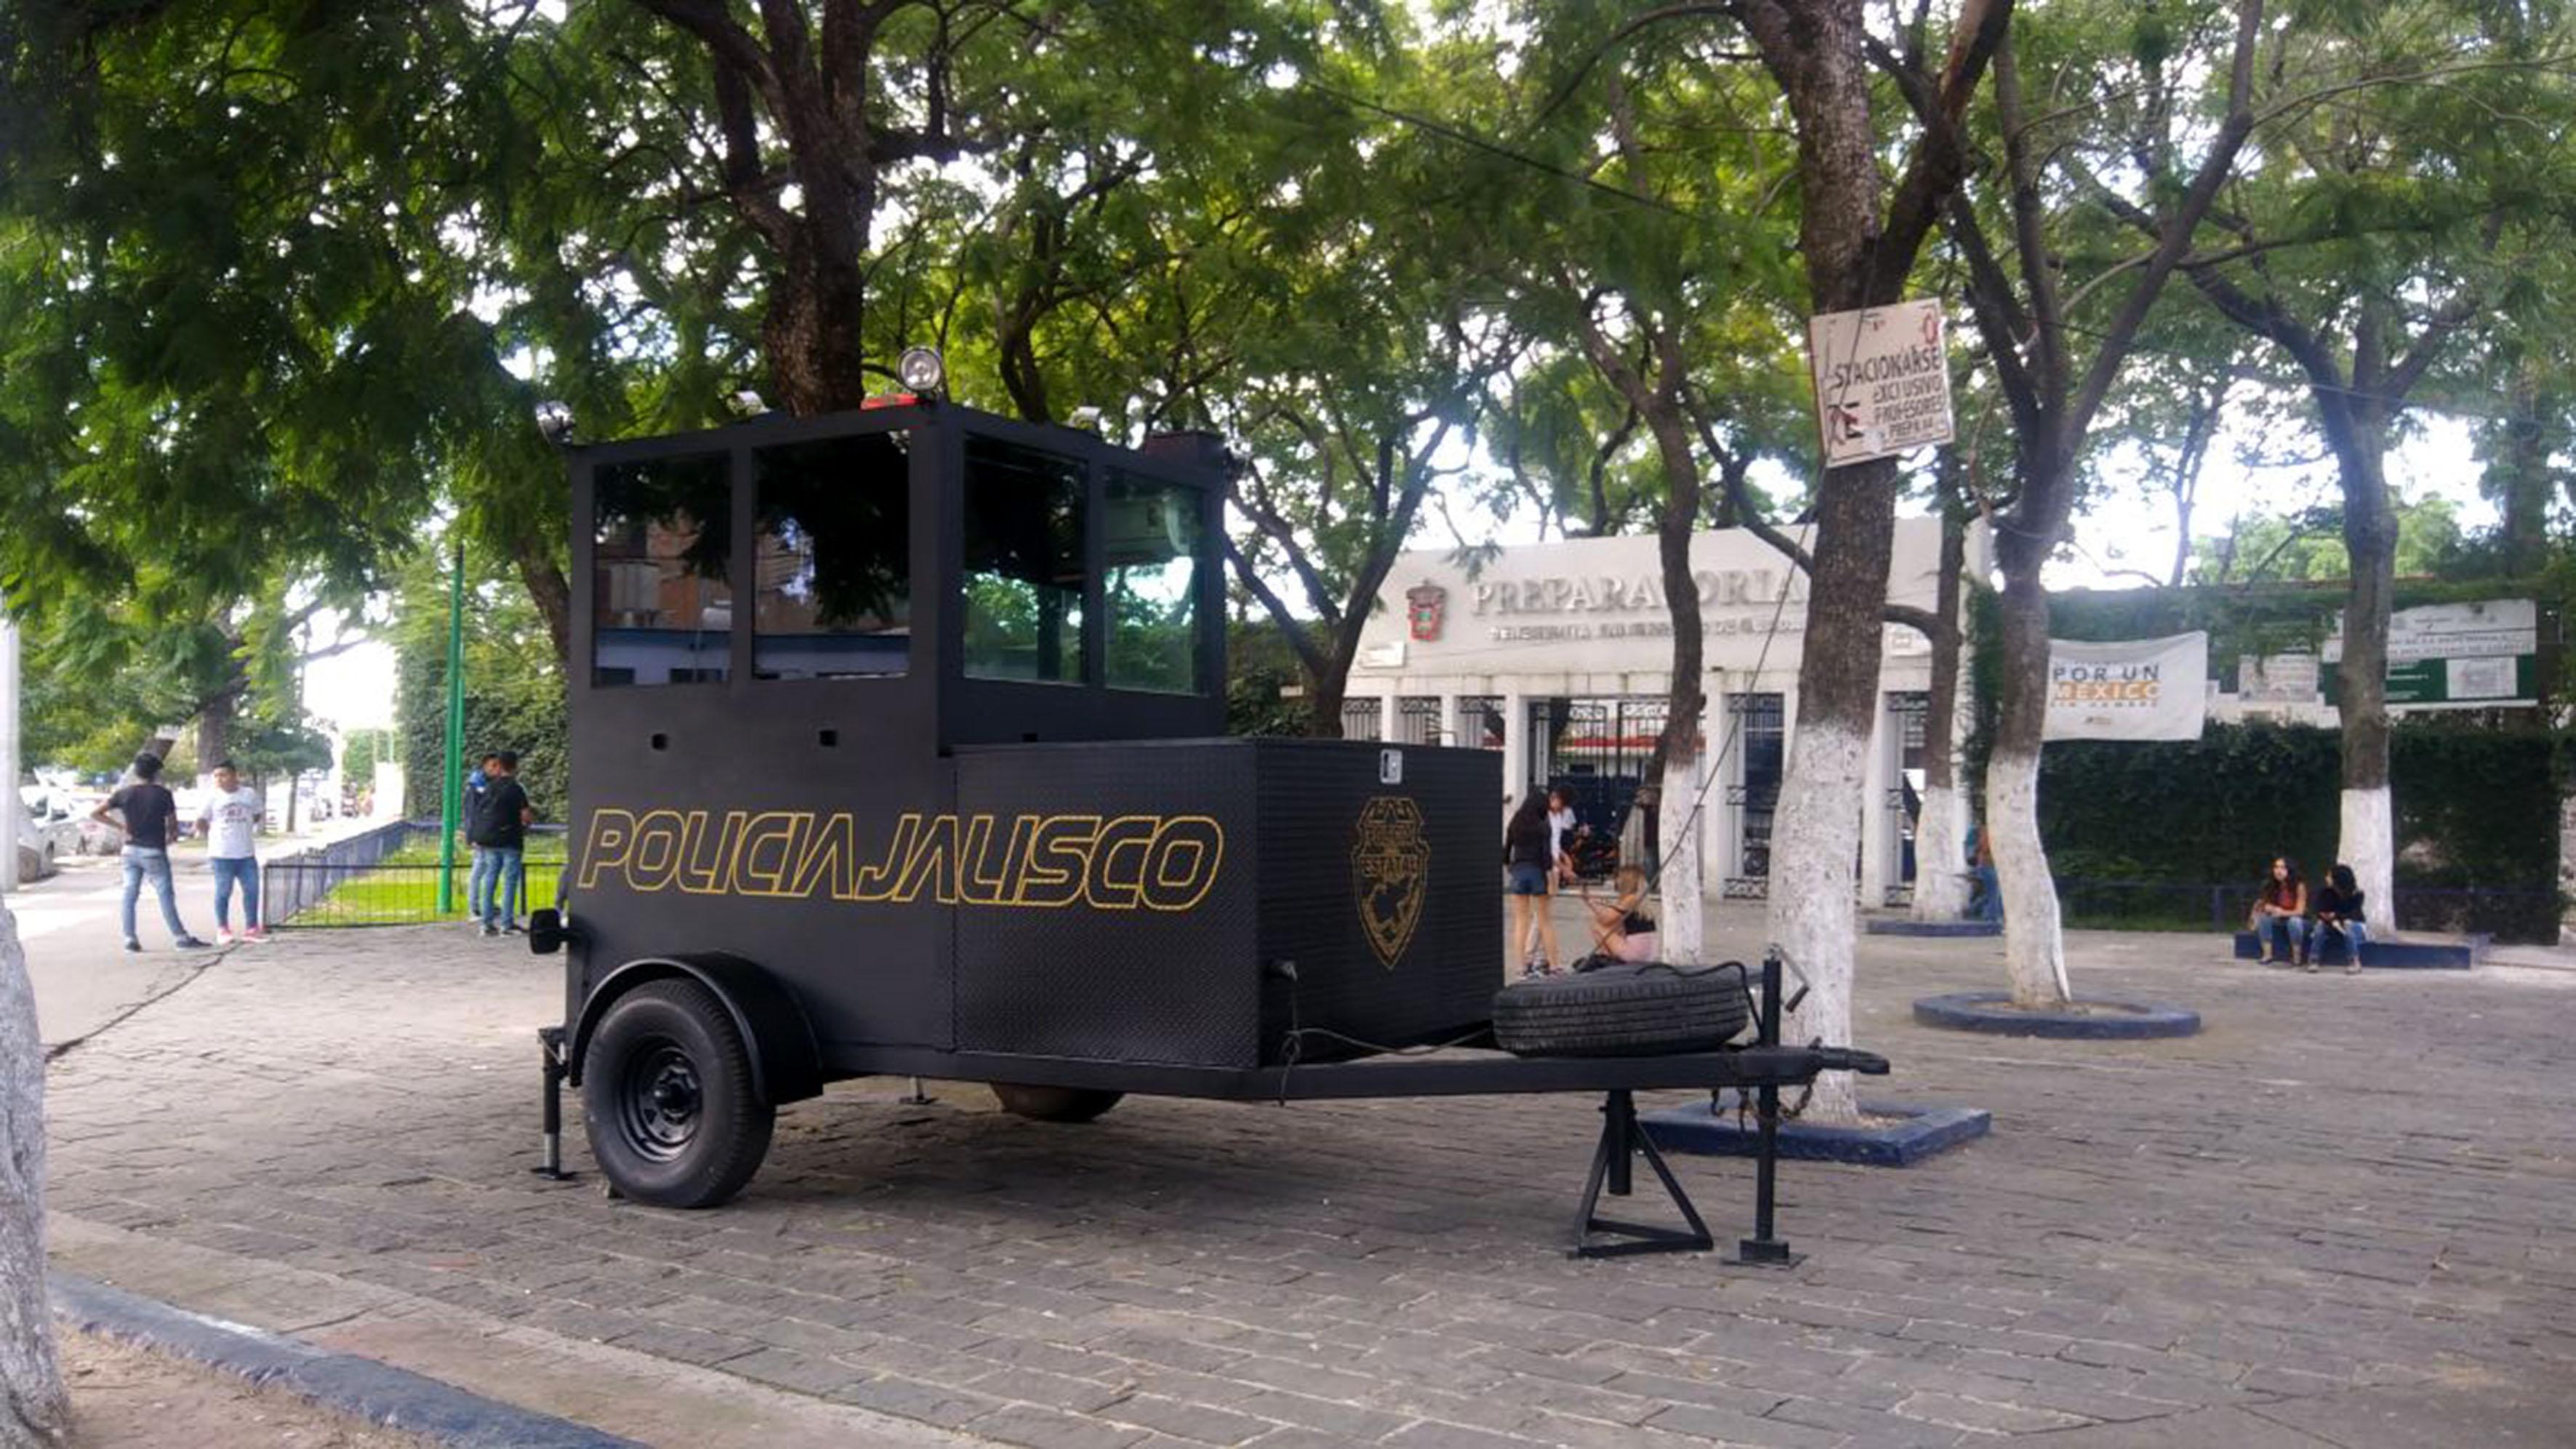 """Caseta de vigilancia móvil, que consta de dos ruedas, y un enganche de remolque, con la leyenda """"Policía Jalisco""""."""